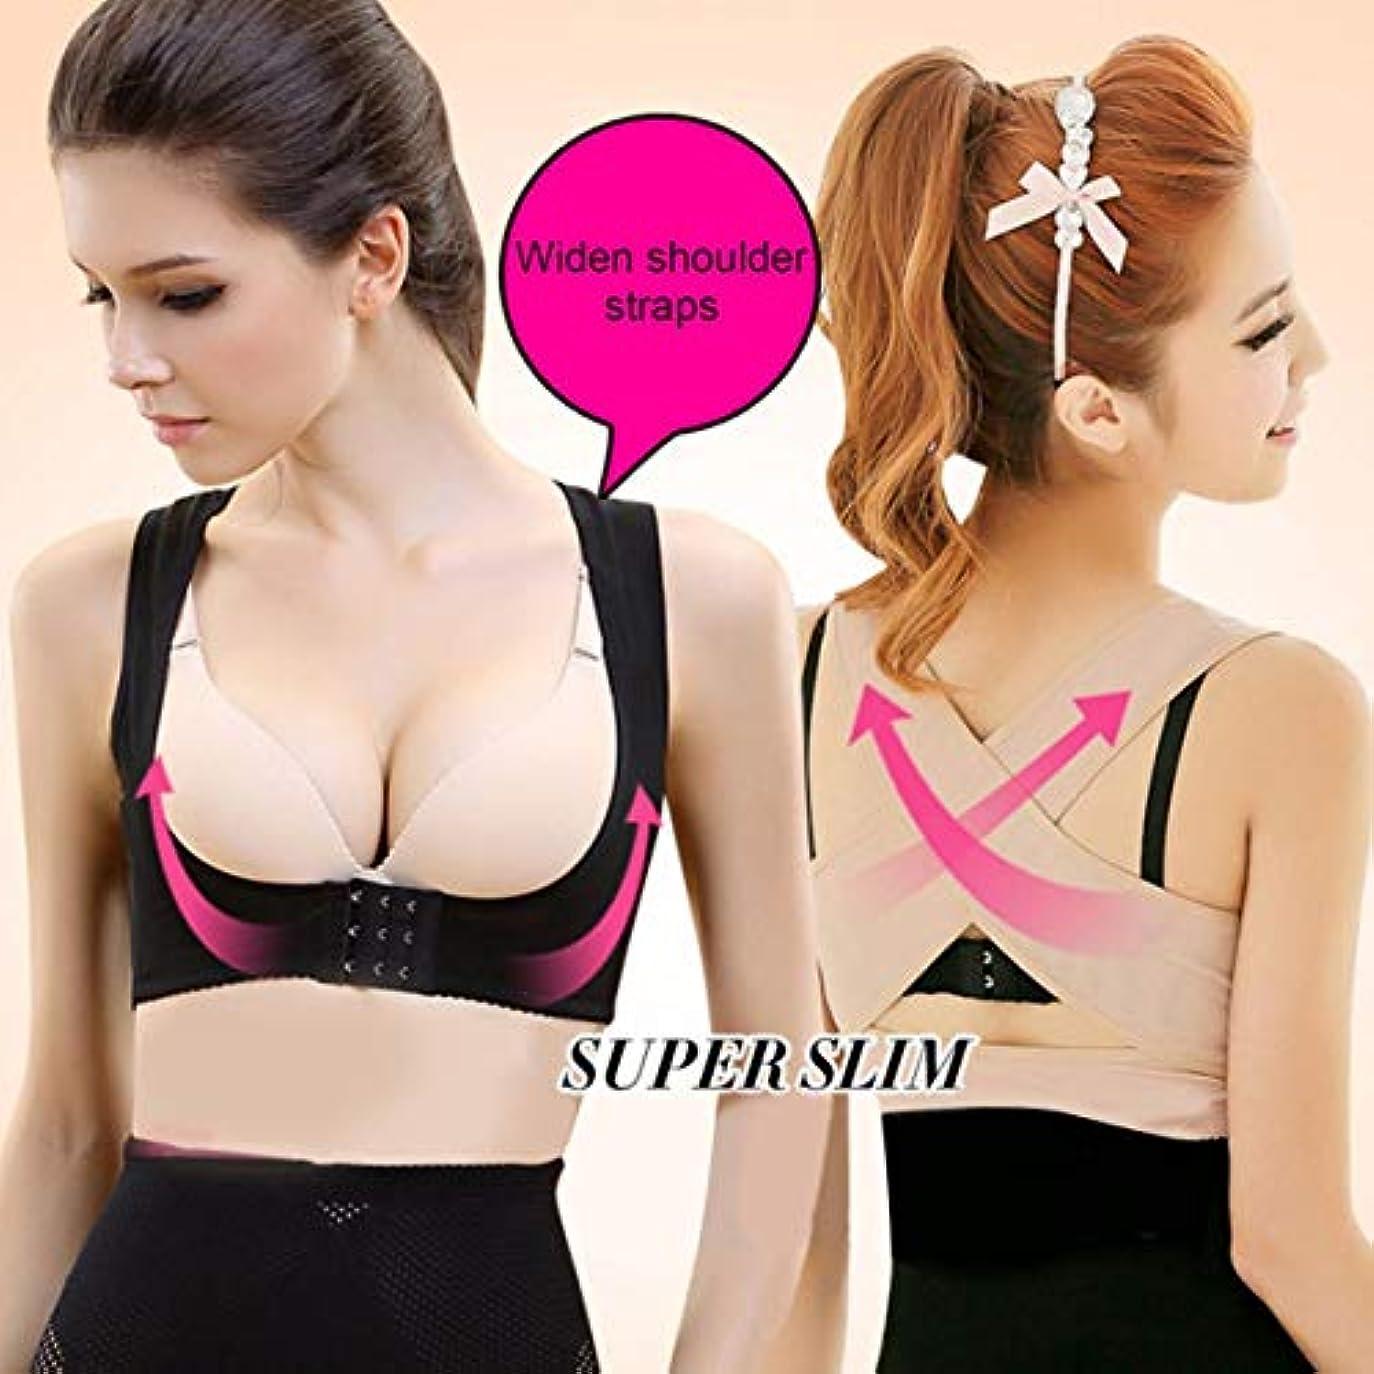 行政シリンダー冷淡なPosture Corrector Women Chest Brace Up Prevent Chest Sagging And Humpback Bra Cross Strap Vest Body Shaper Slimming...